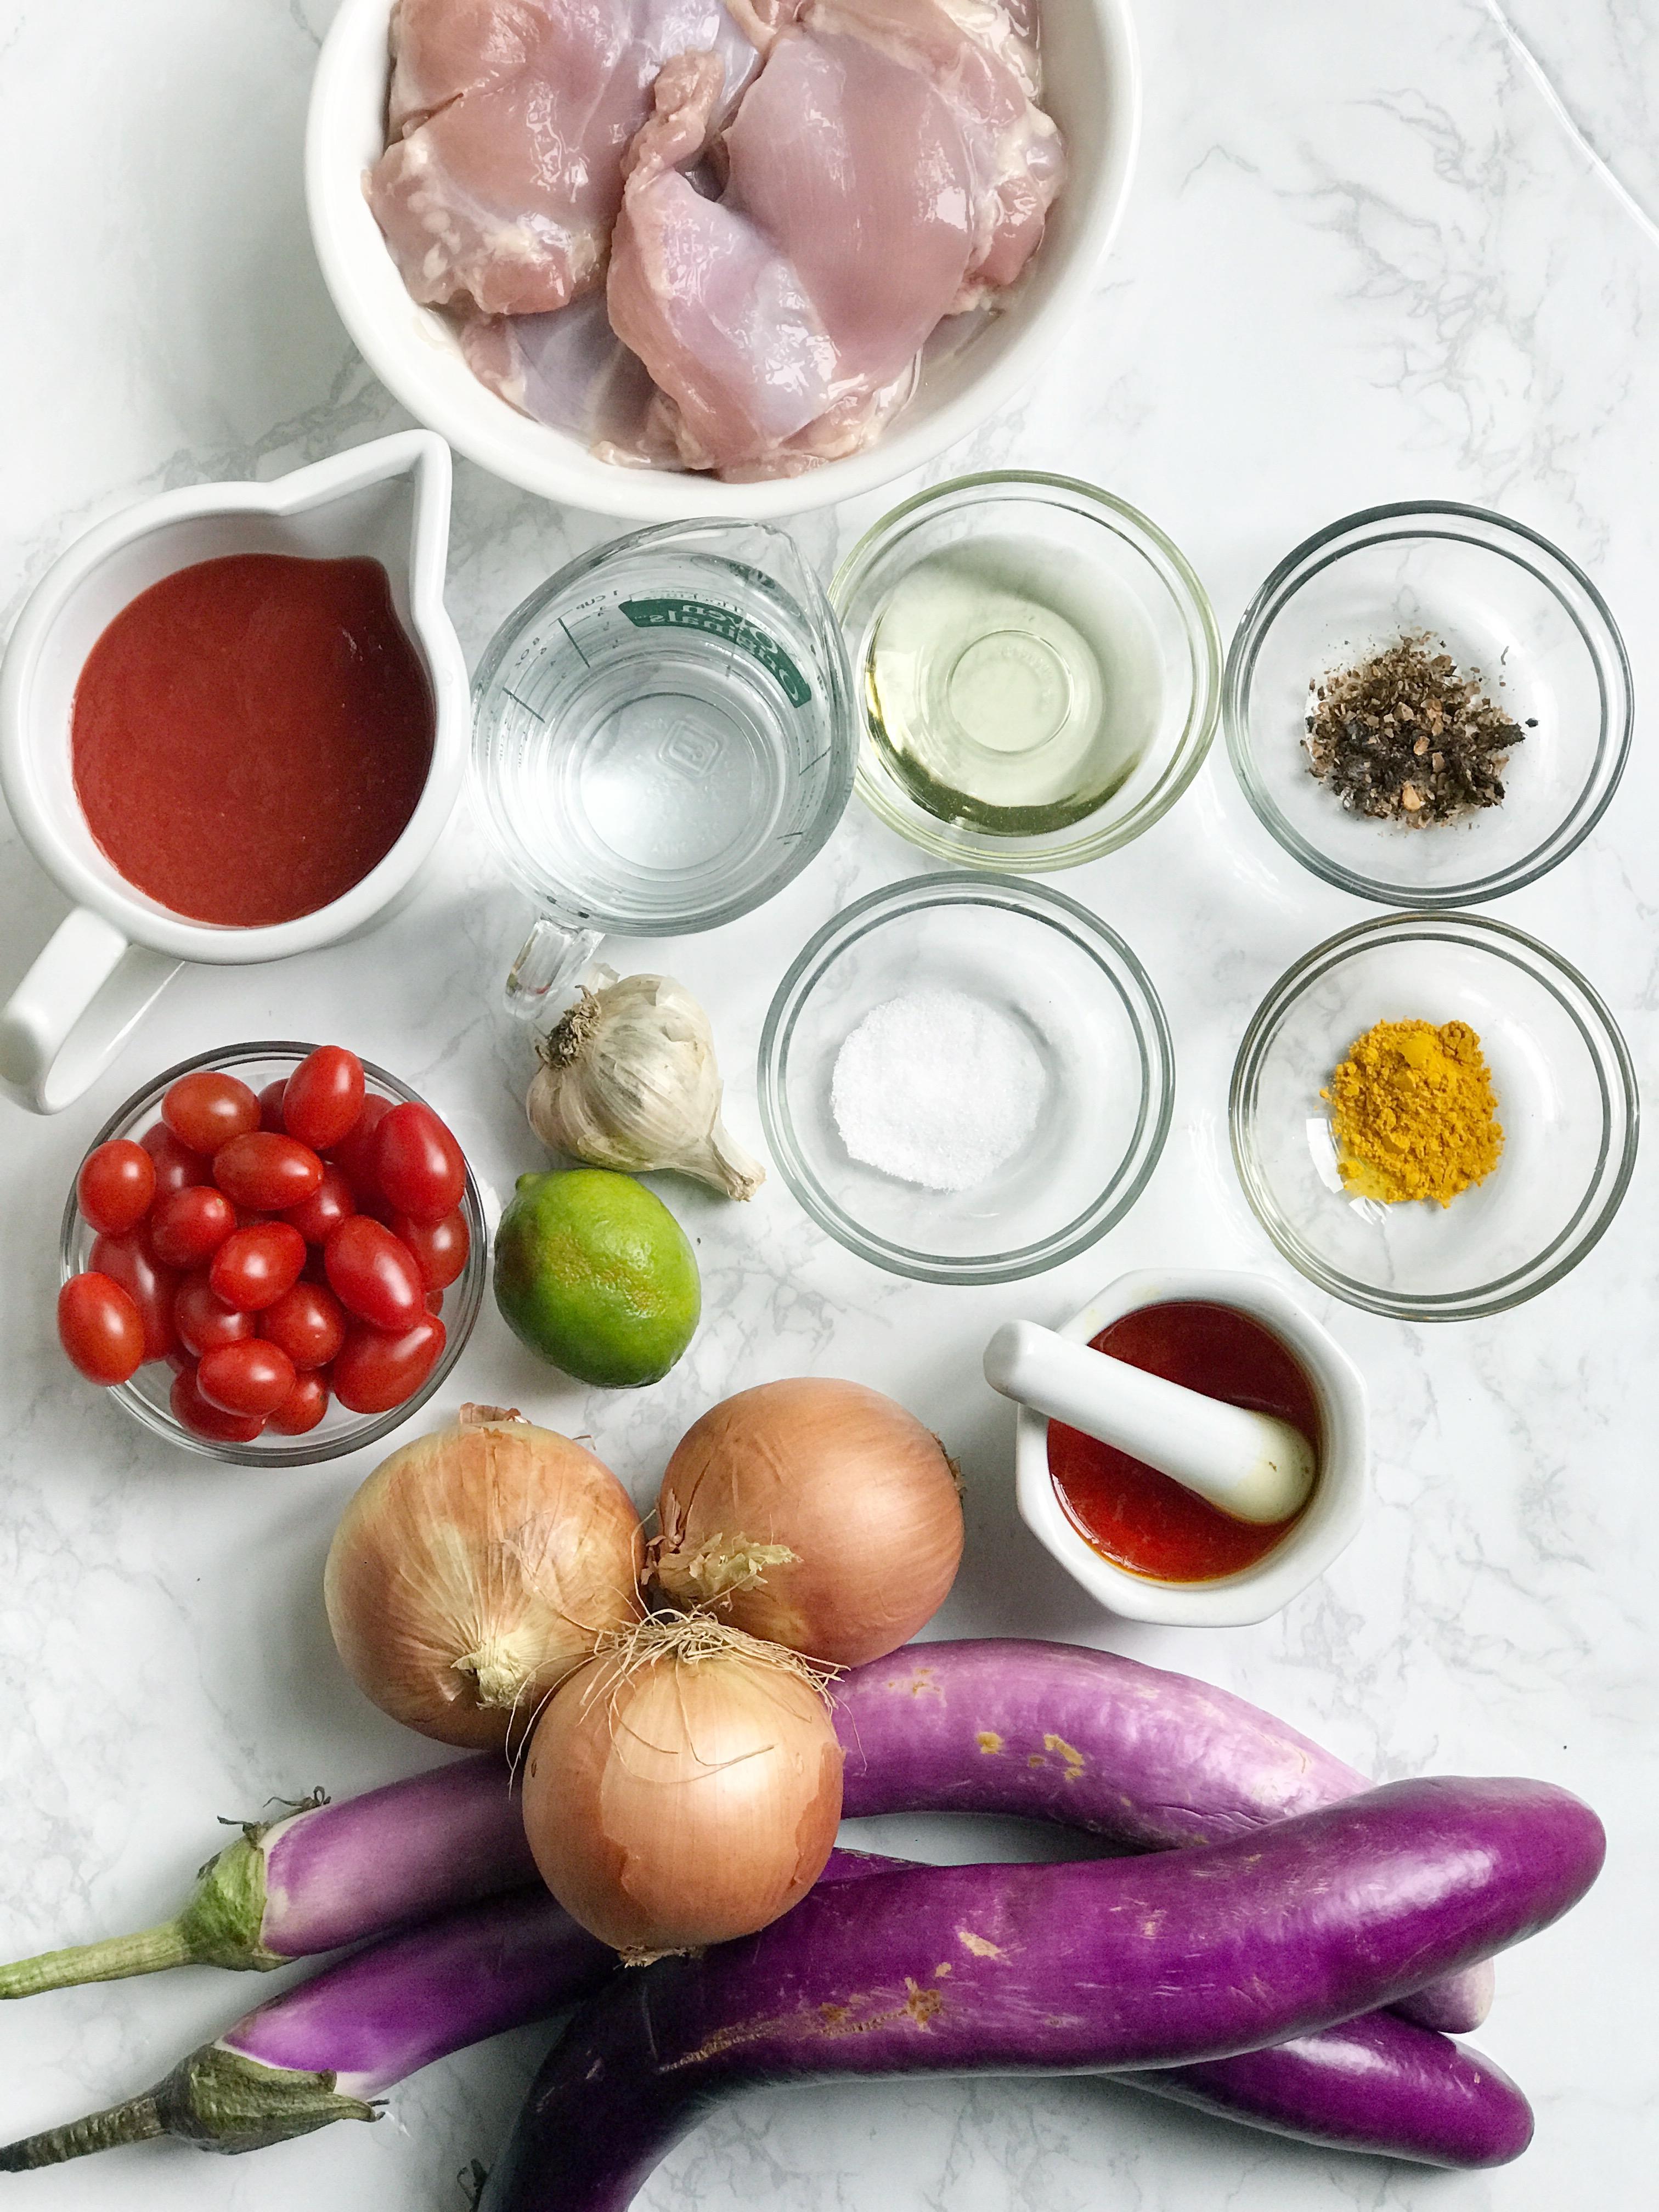 Persian Eggplant stew ingredients